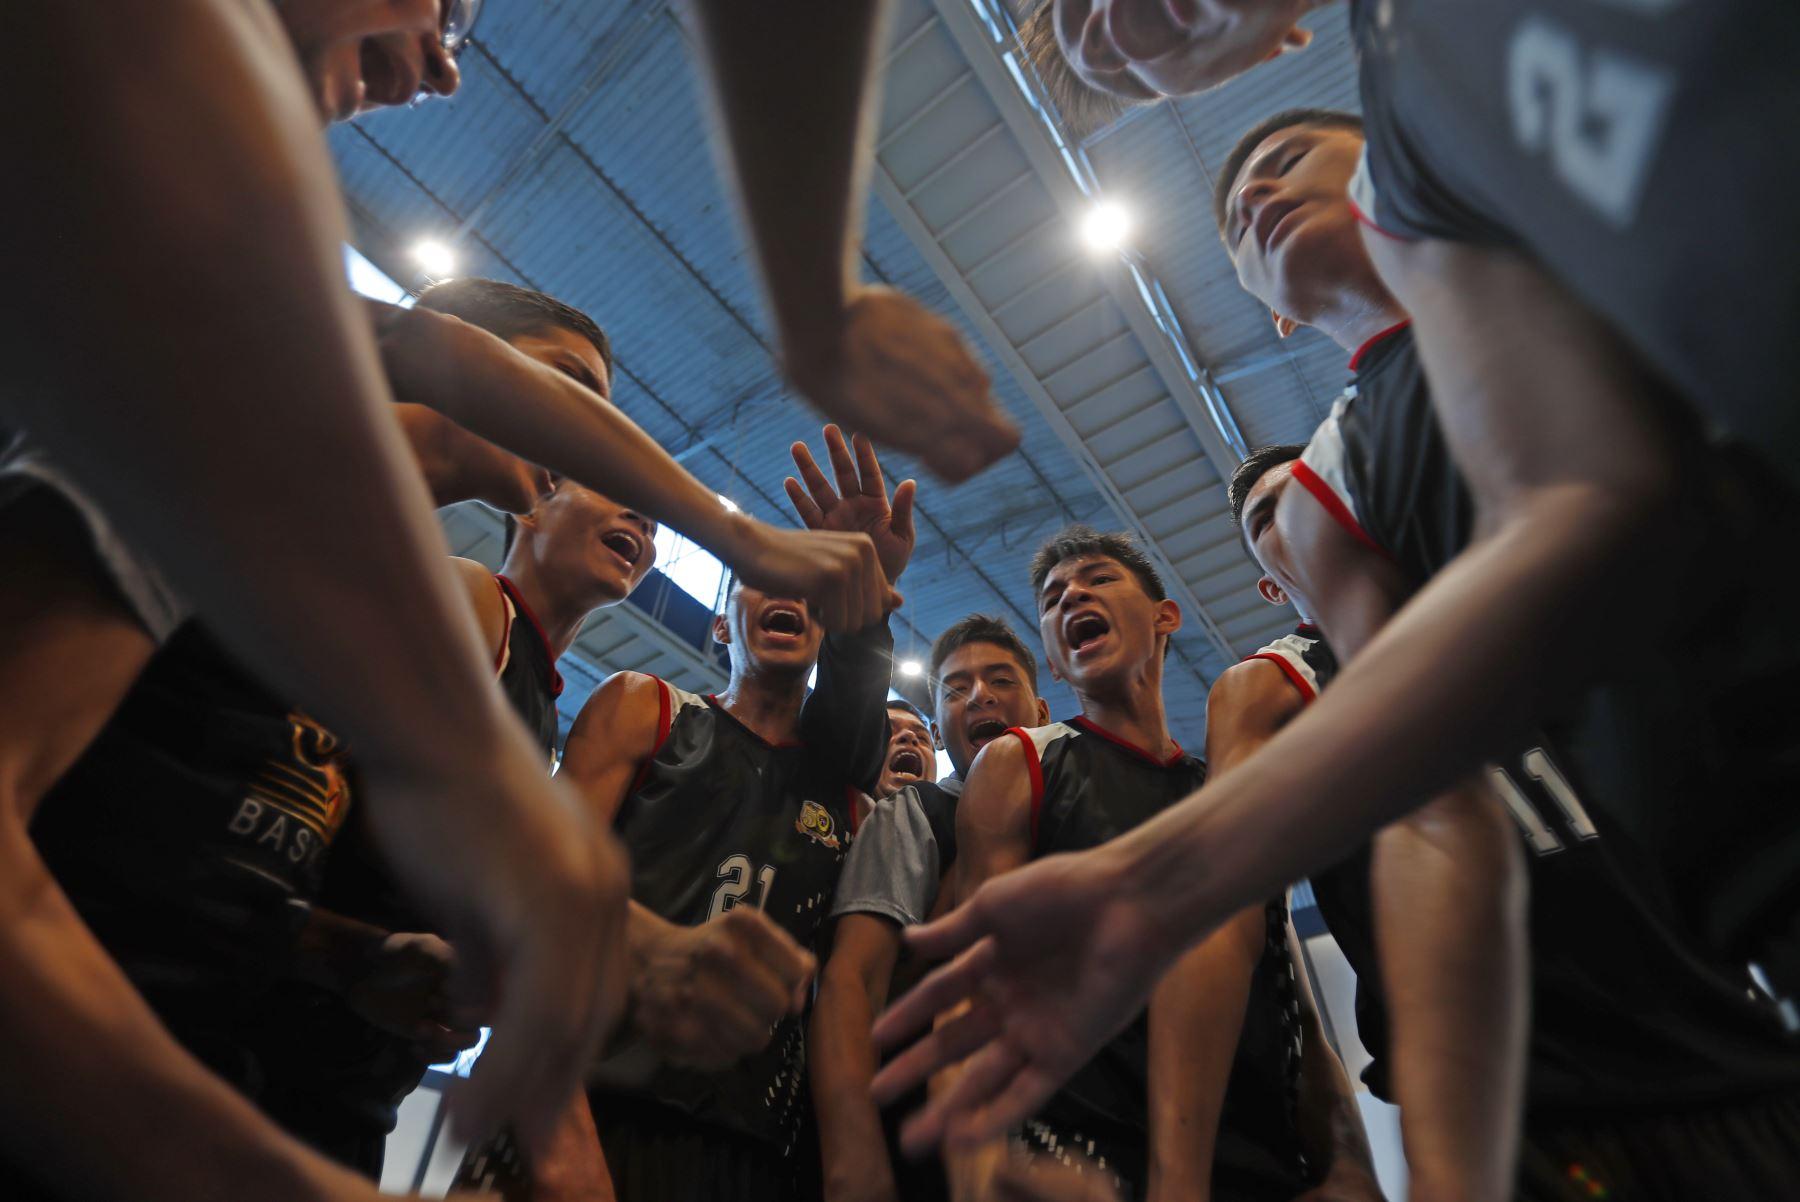 Colegio San Martín de Porres de Loreto disputa final en básquet por los Juegos Deportivos Escolares Nacionales 2019. Foto: ANDINA/Renato Pajuelo